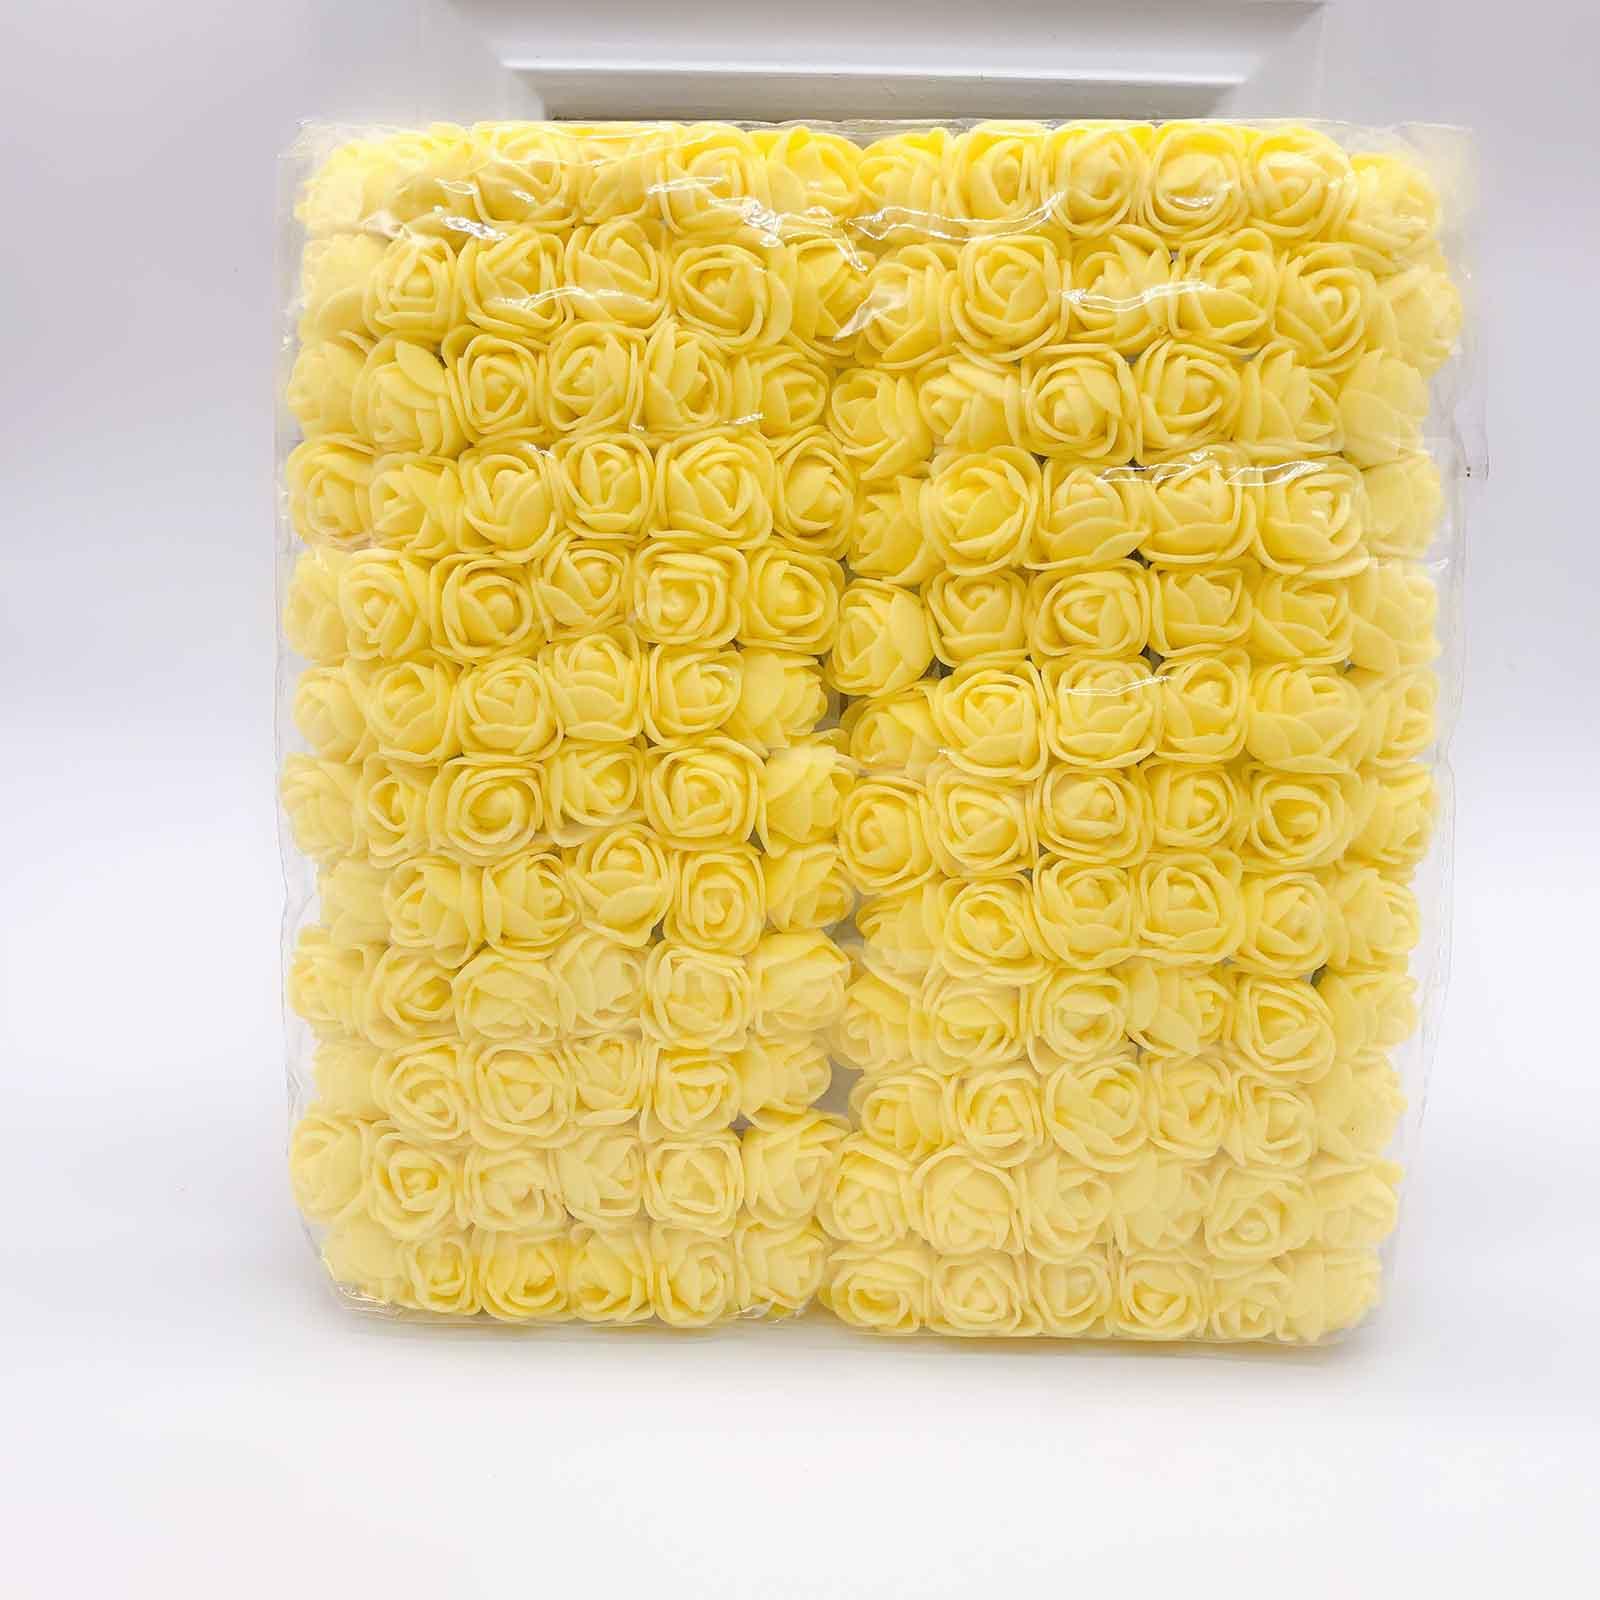 144 шт 2 см мини-розы из пенопласта для дома, свадьбы, искусственные цветы, декорация для скрапбукинга, сделай сам, венок, Подарочная коробка, дешевый искусственный цветок, букет - Цвет: 8